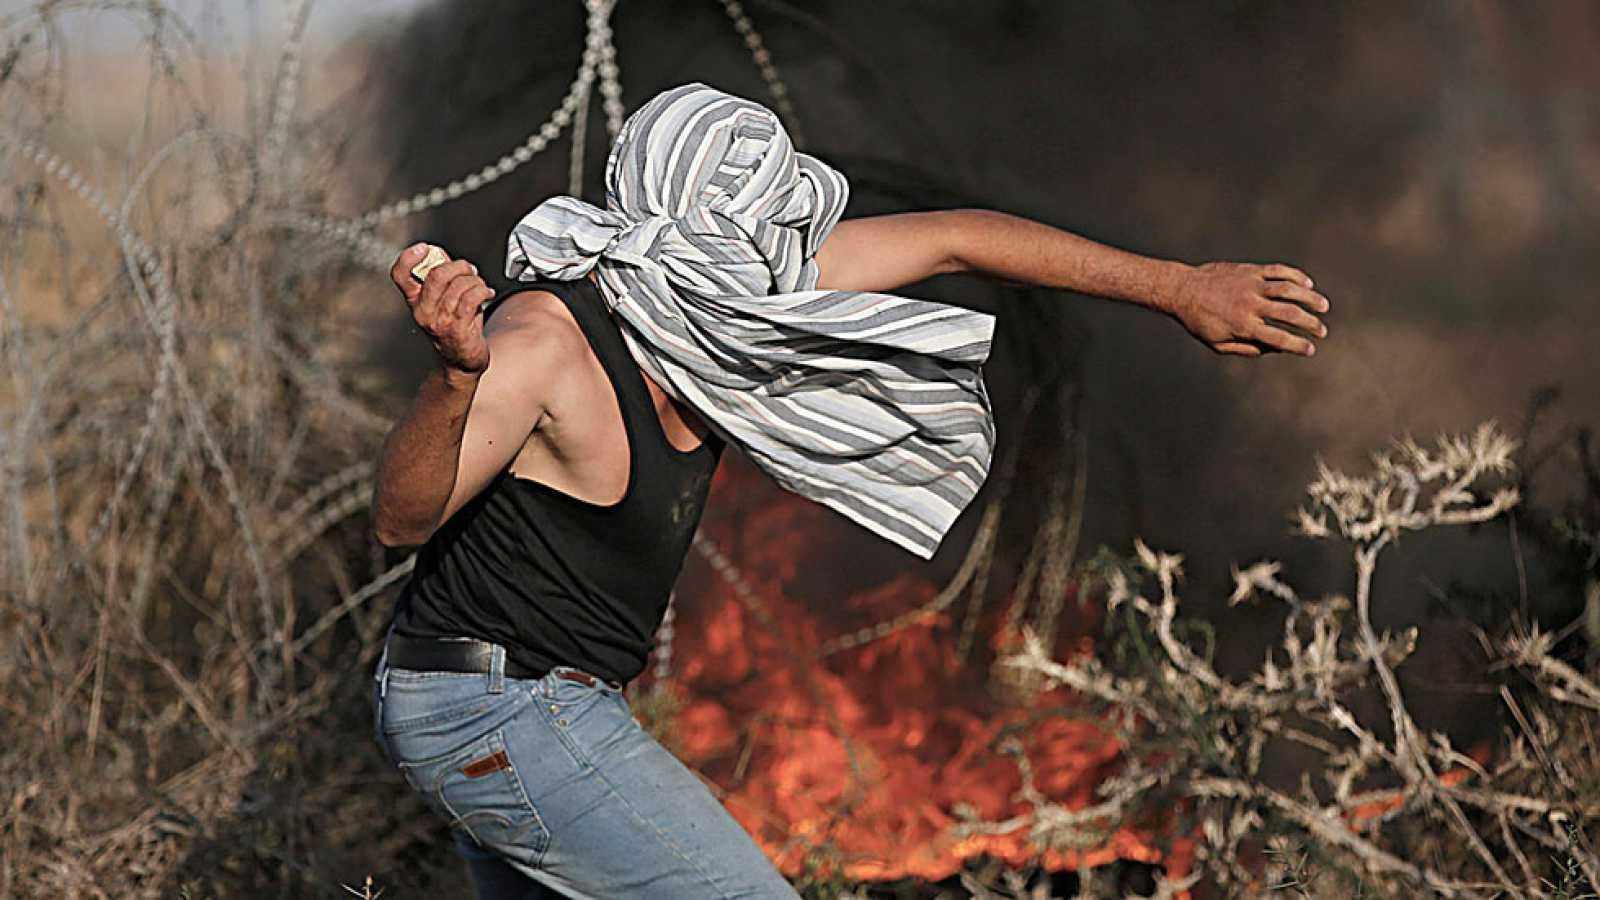 """Hamás llama a """"reforzar la Intifada"""" en Cisjordania para liberar Jerusalén"""